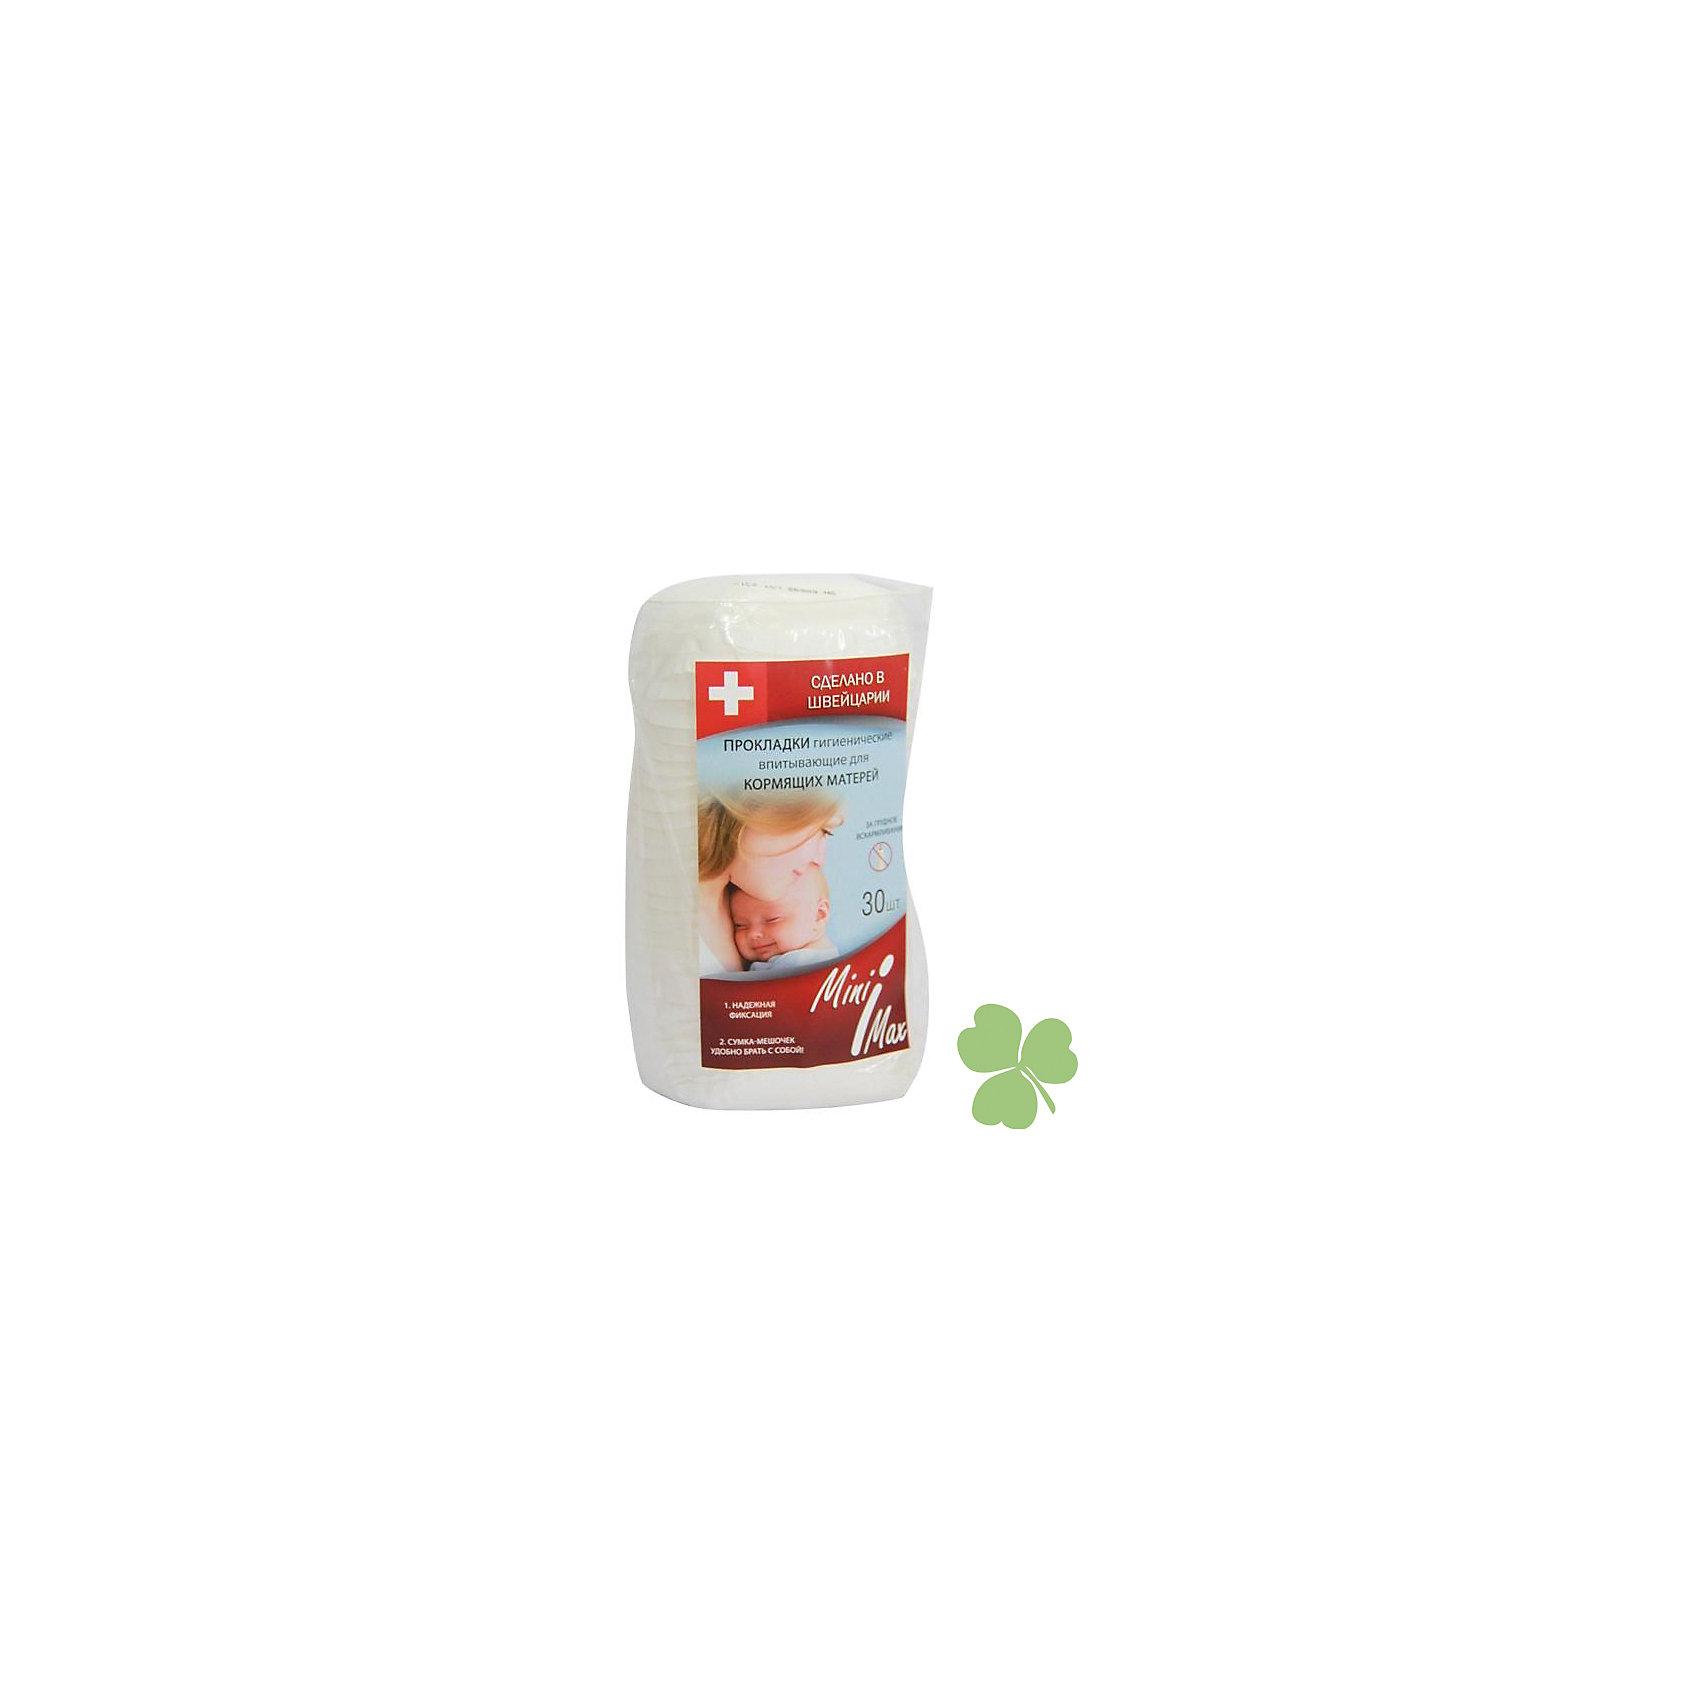 Прокладки для кормящих матерей 30 шт., п/э упаковка, MiniMax